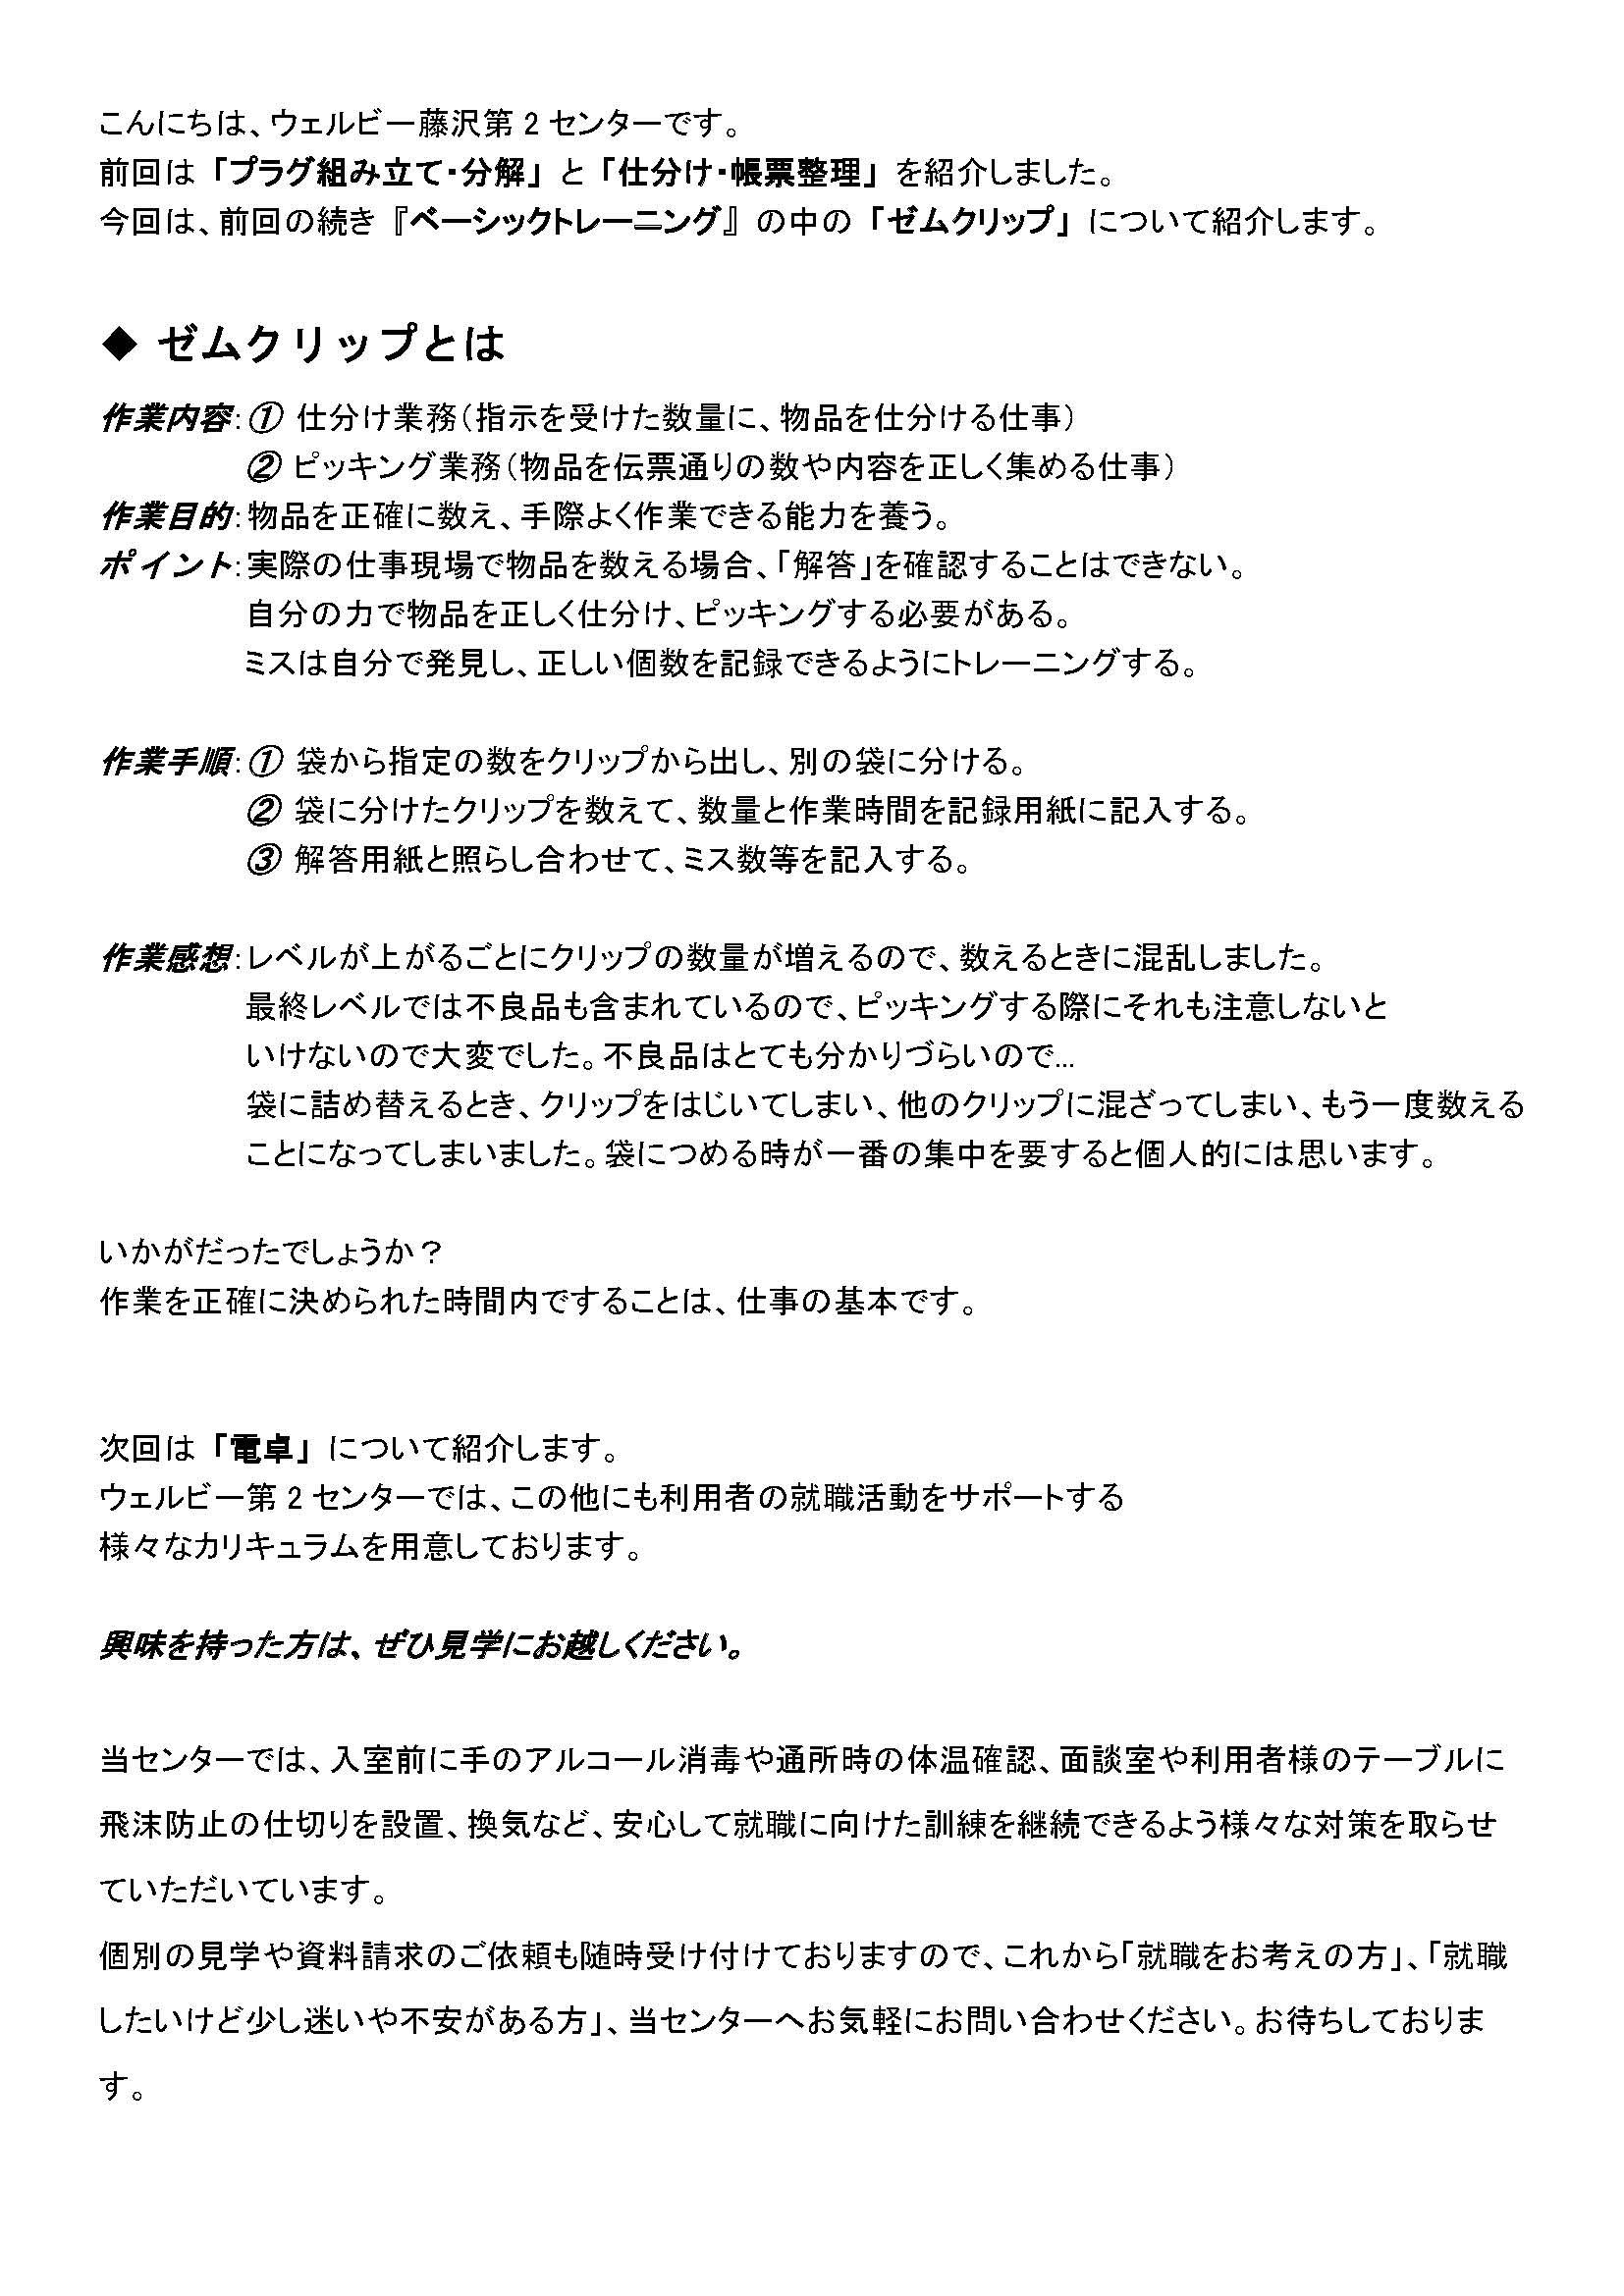 20201016ブログ1ウェブ掲載依頼書v1_(ゼムクリップ)